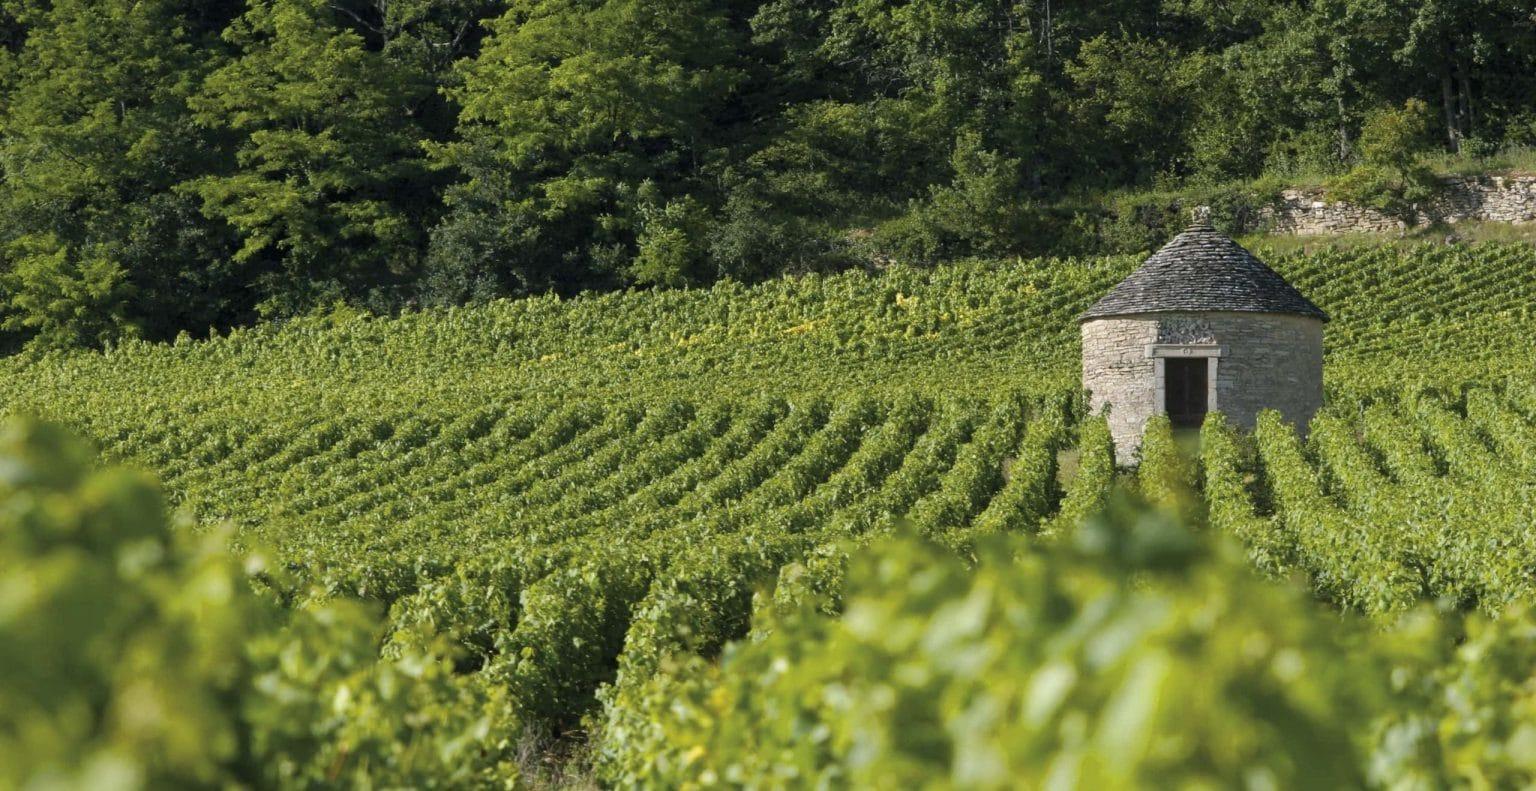 Cabotte dans les vignes - Savigny-Les-Beaune